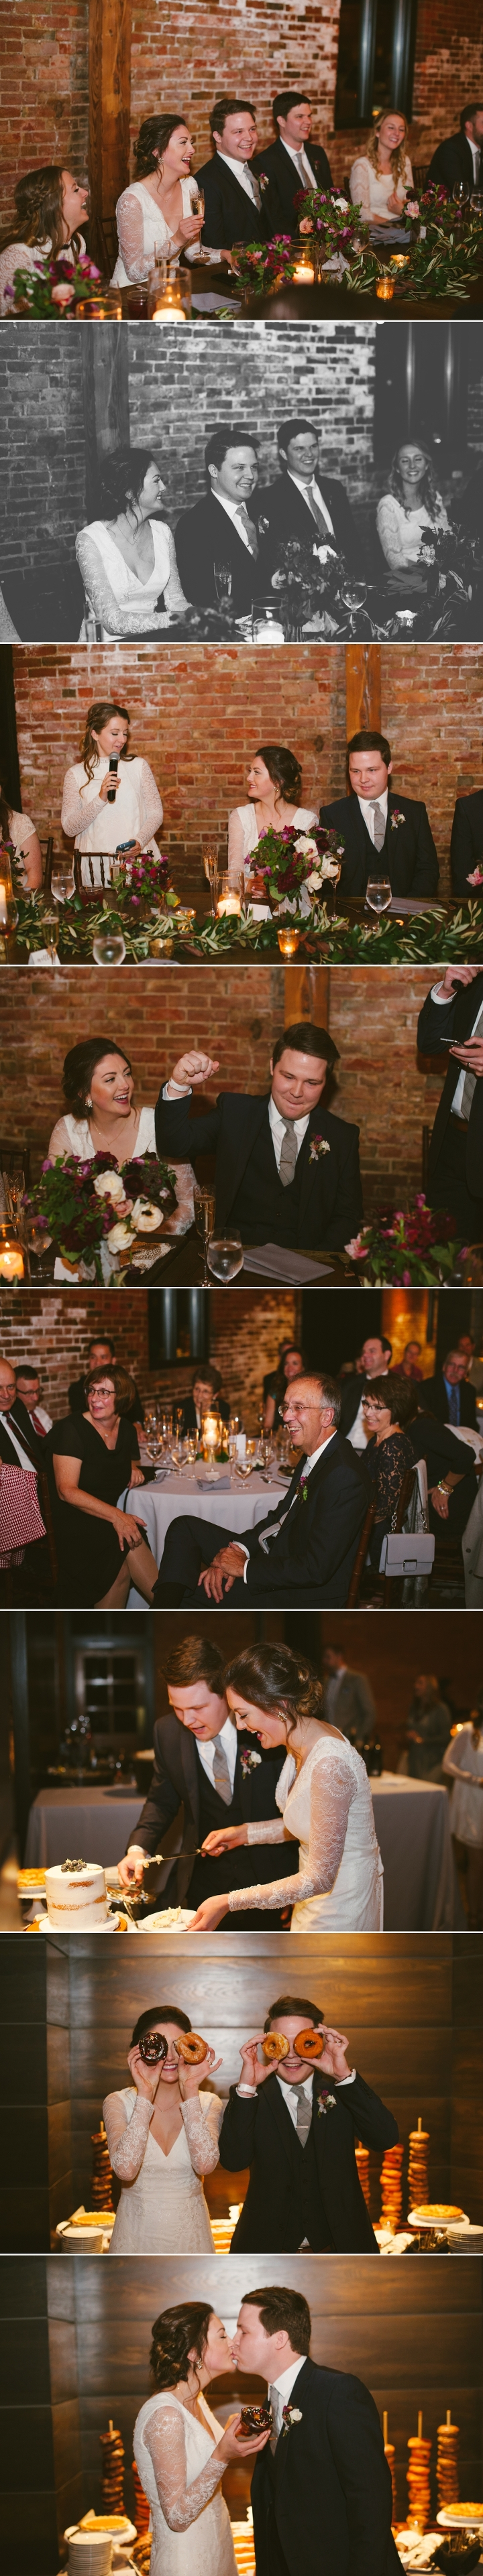 Laura and Matt Married 12